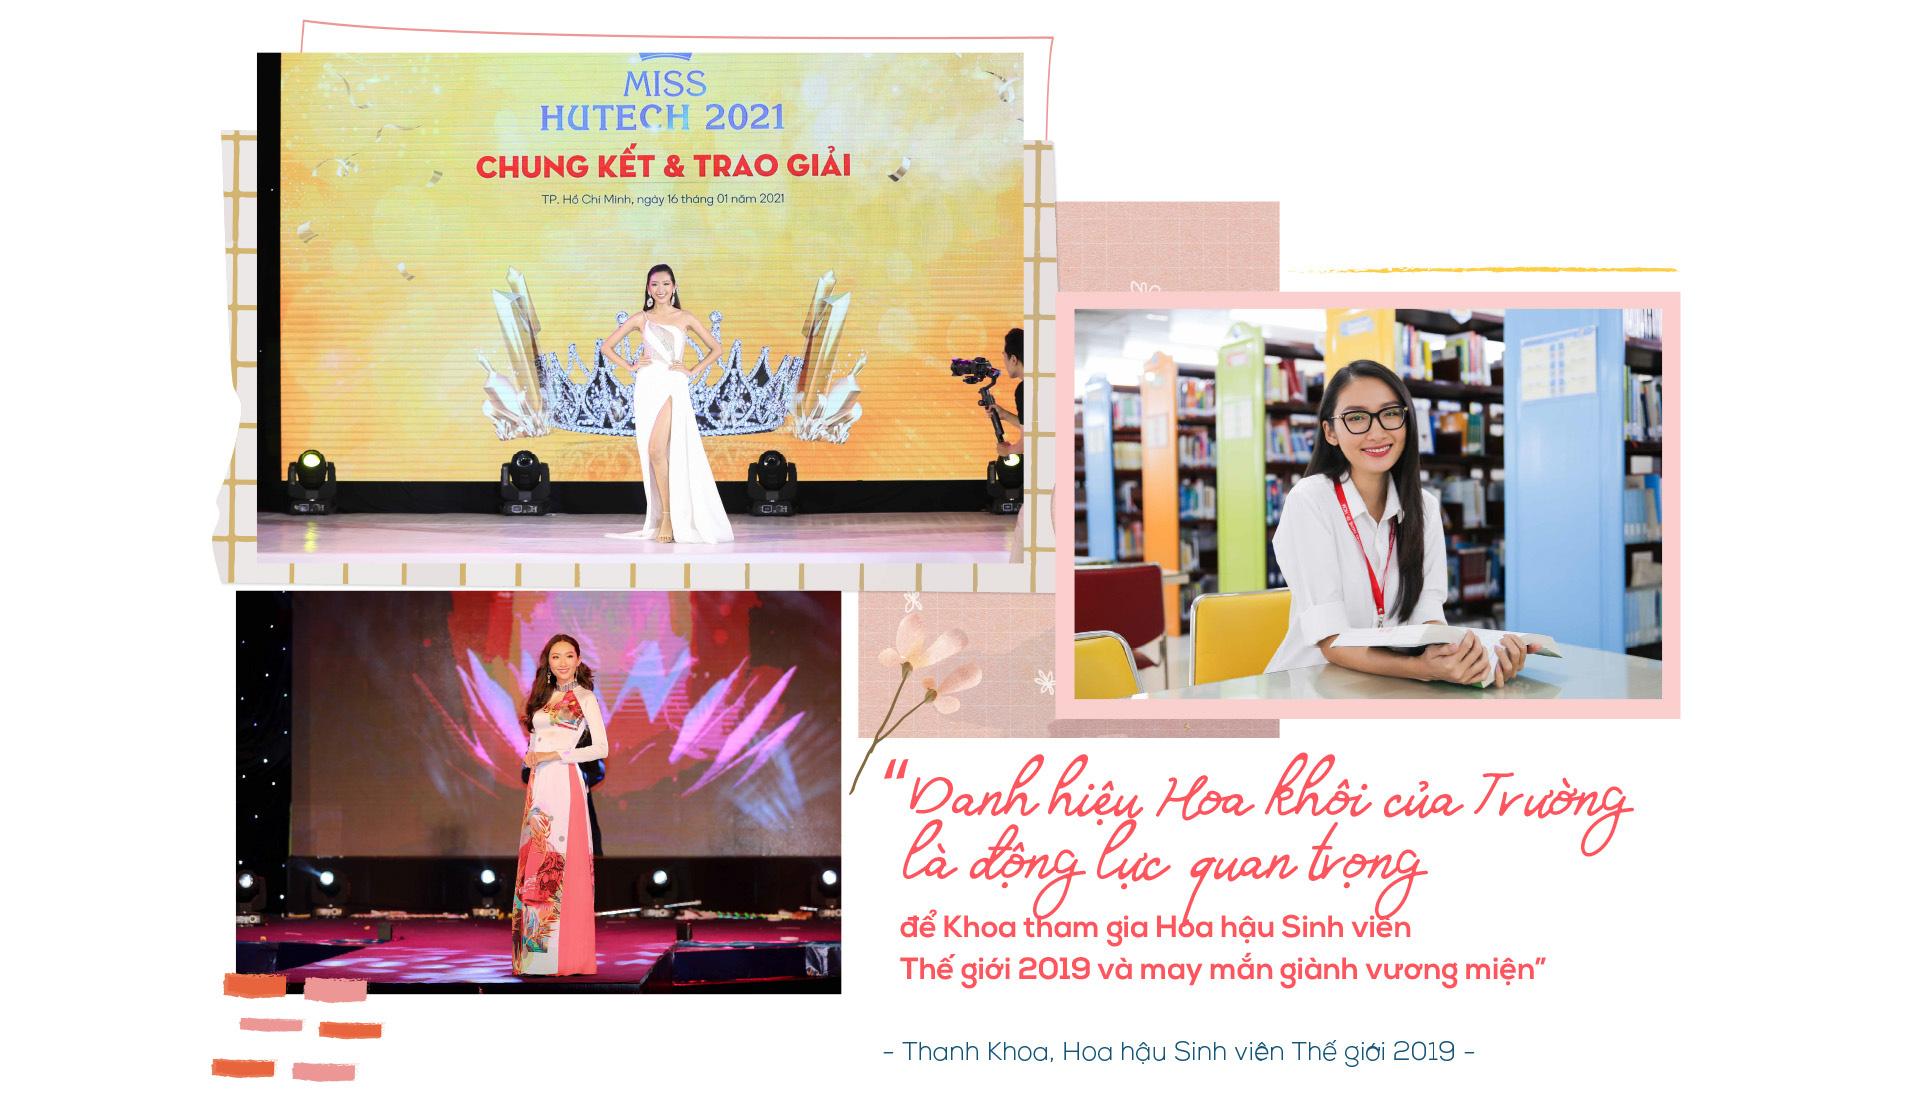 Miss HUTECH - Hành trình trải nghiệm và tỏa sáng của những ngôi sao đại học - Ảnh 7.